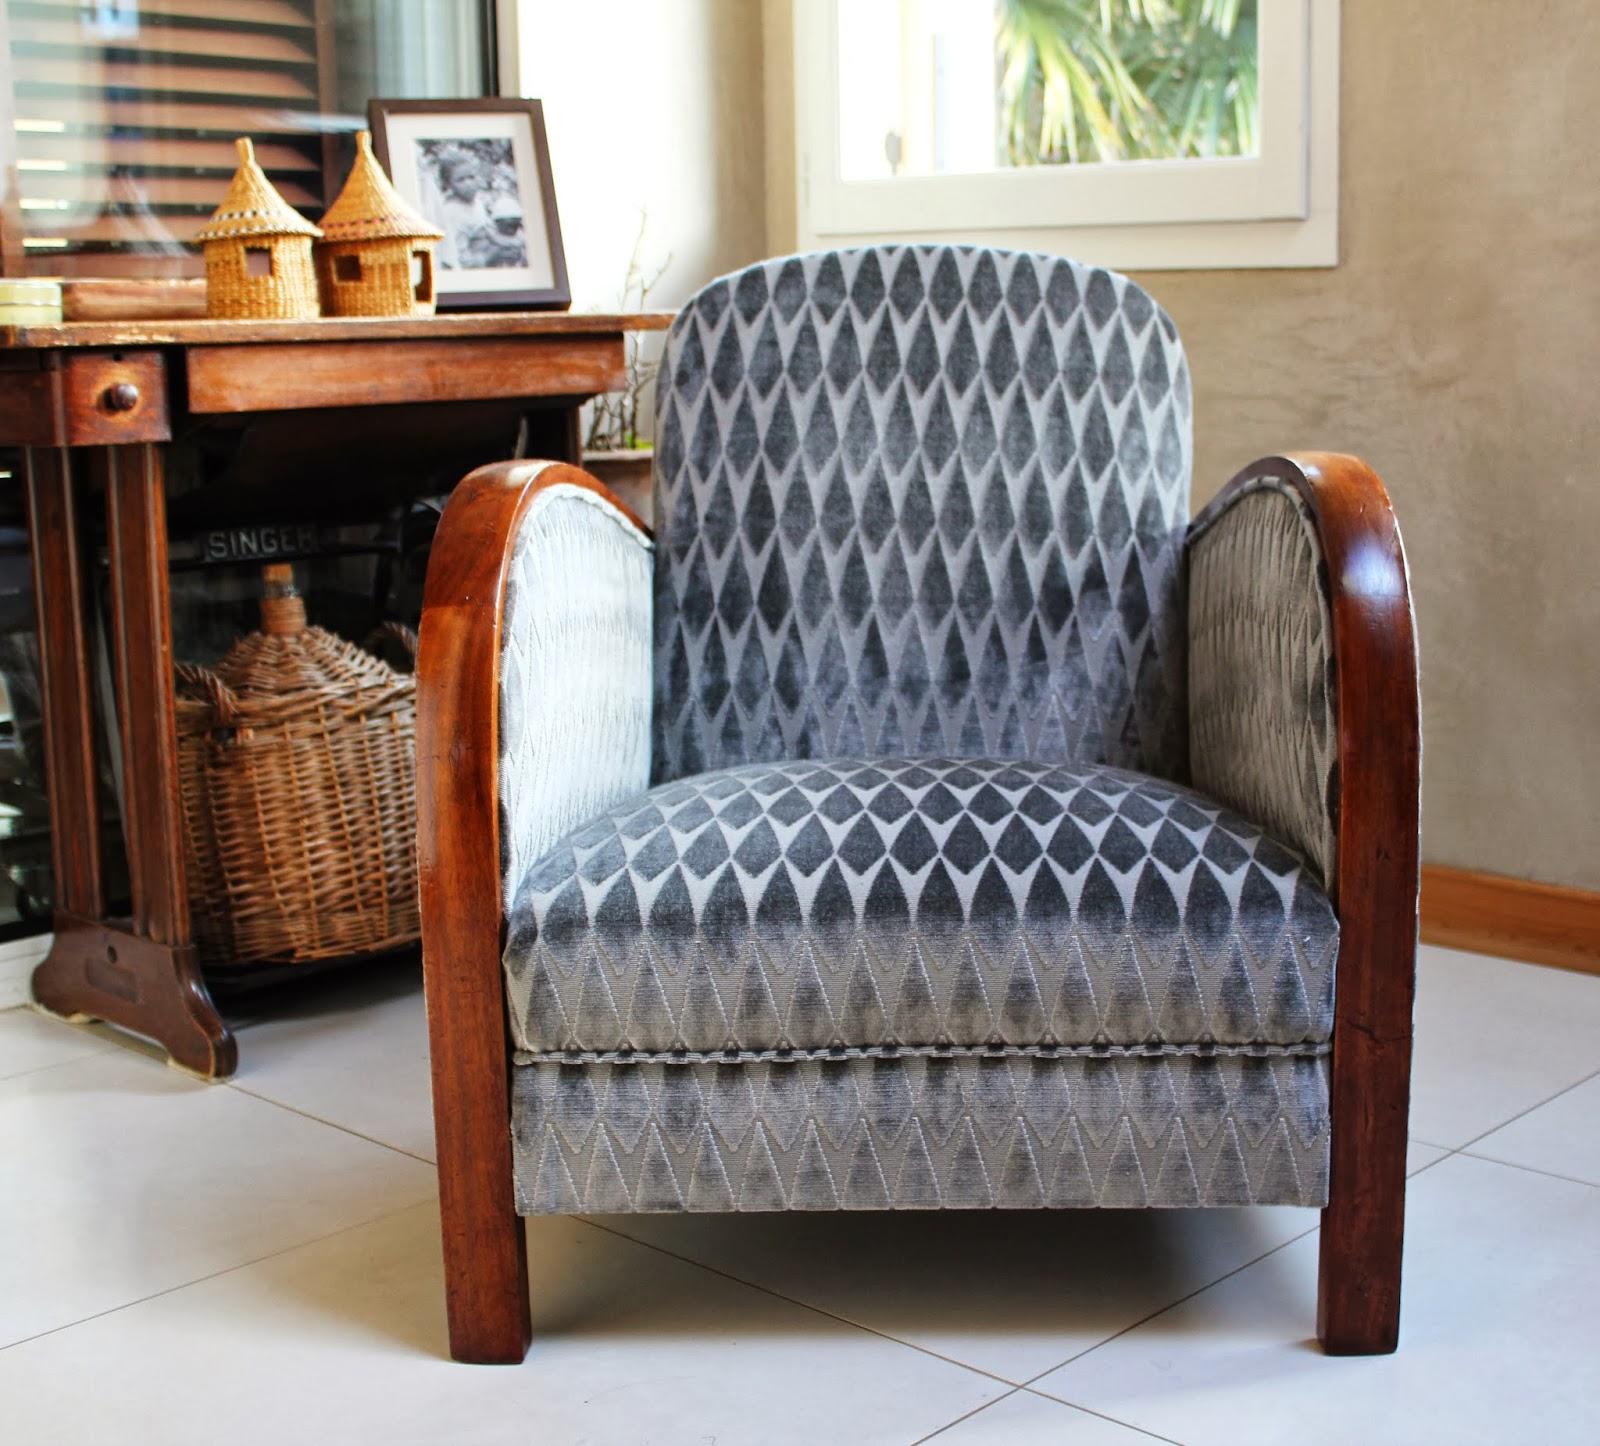 l 39 atelier de marjorie alais fauteuil art d co r fection traditionnelle assise guindage. Black Bedroom Furniture Sets. Home Design Ideas